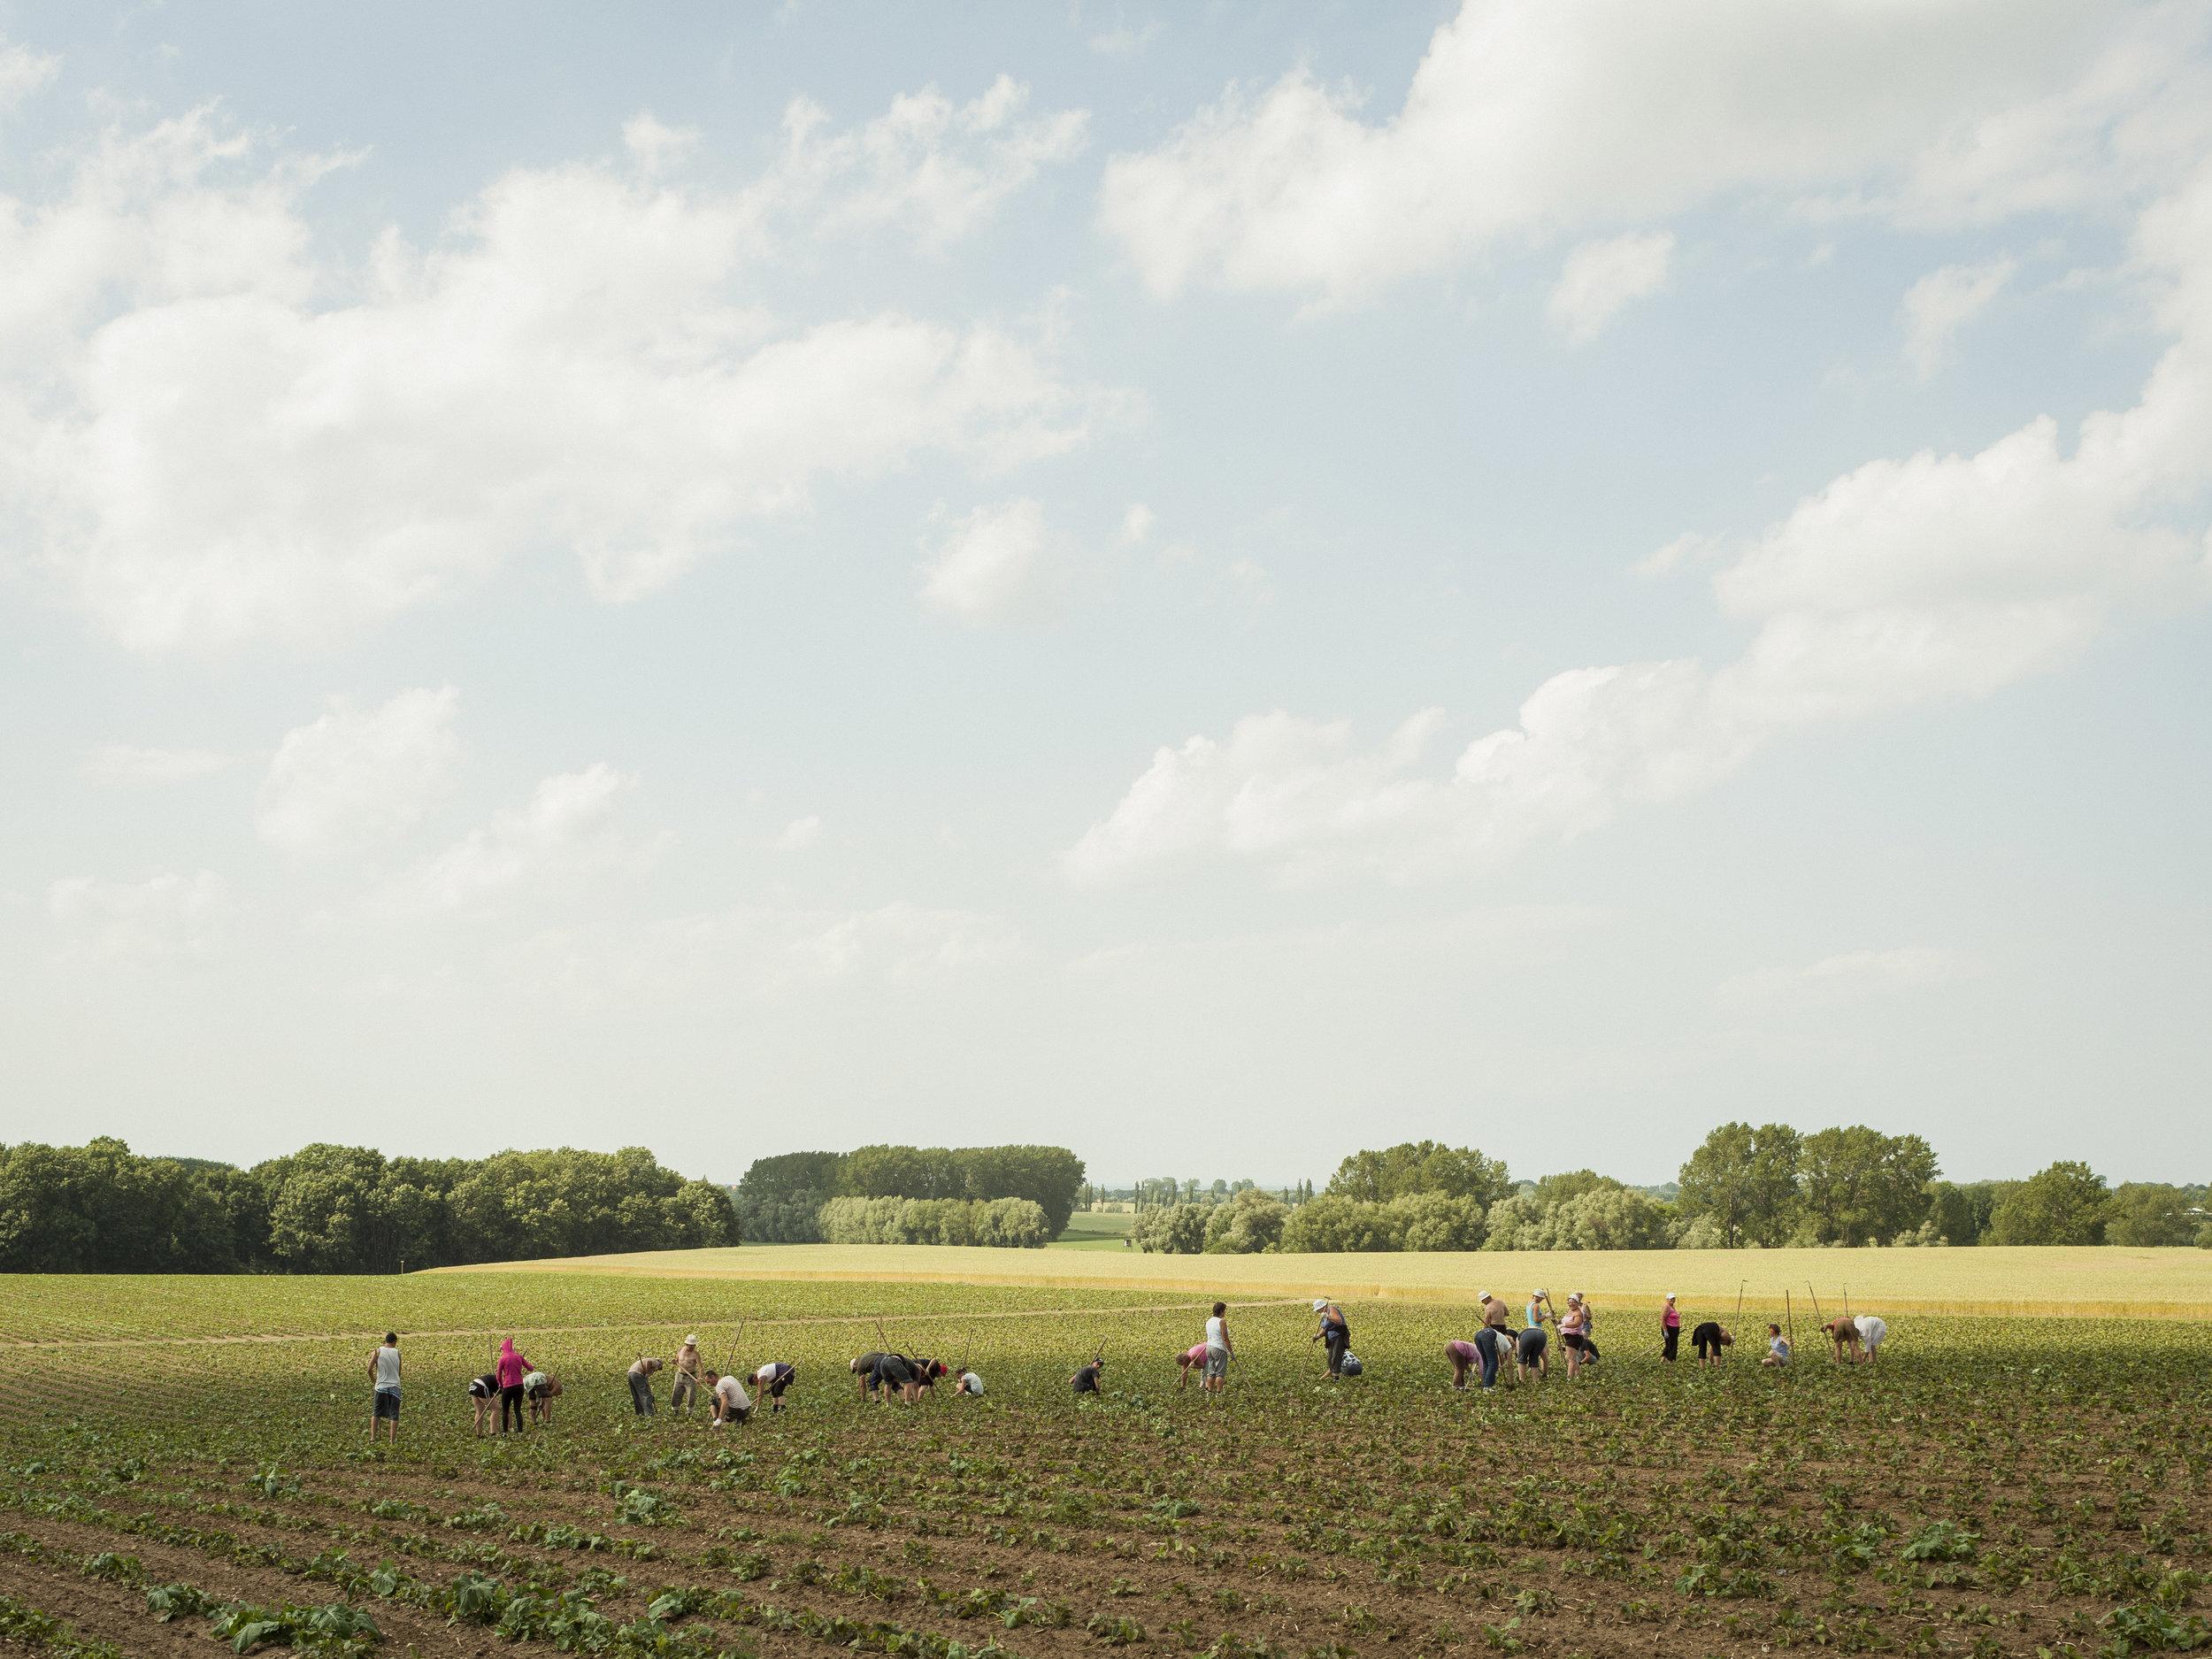 Peter Bialobrzeski: Bei Wismar, 2012. Aus der Serie: »Die zweite Heimat«, 2011-2016 © Peter Bialobrzeski